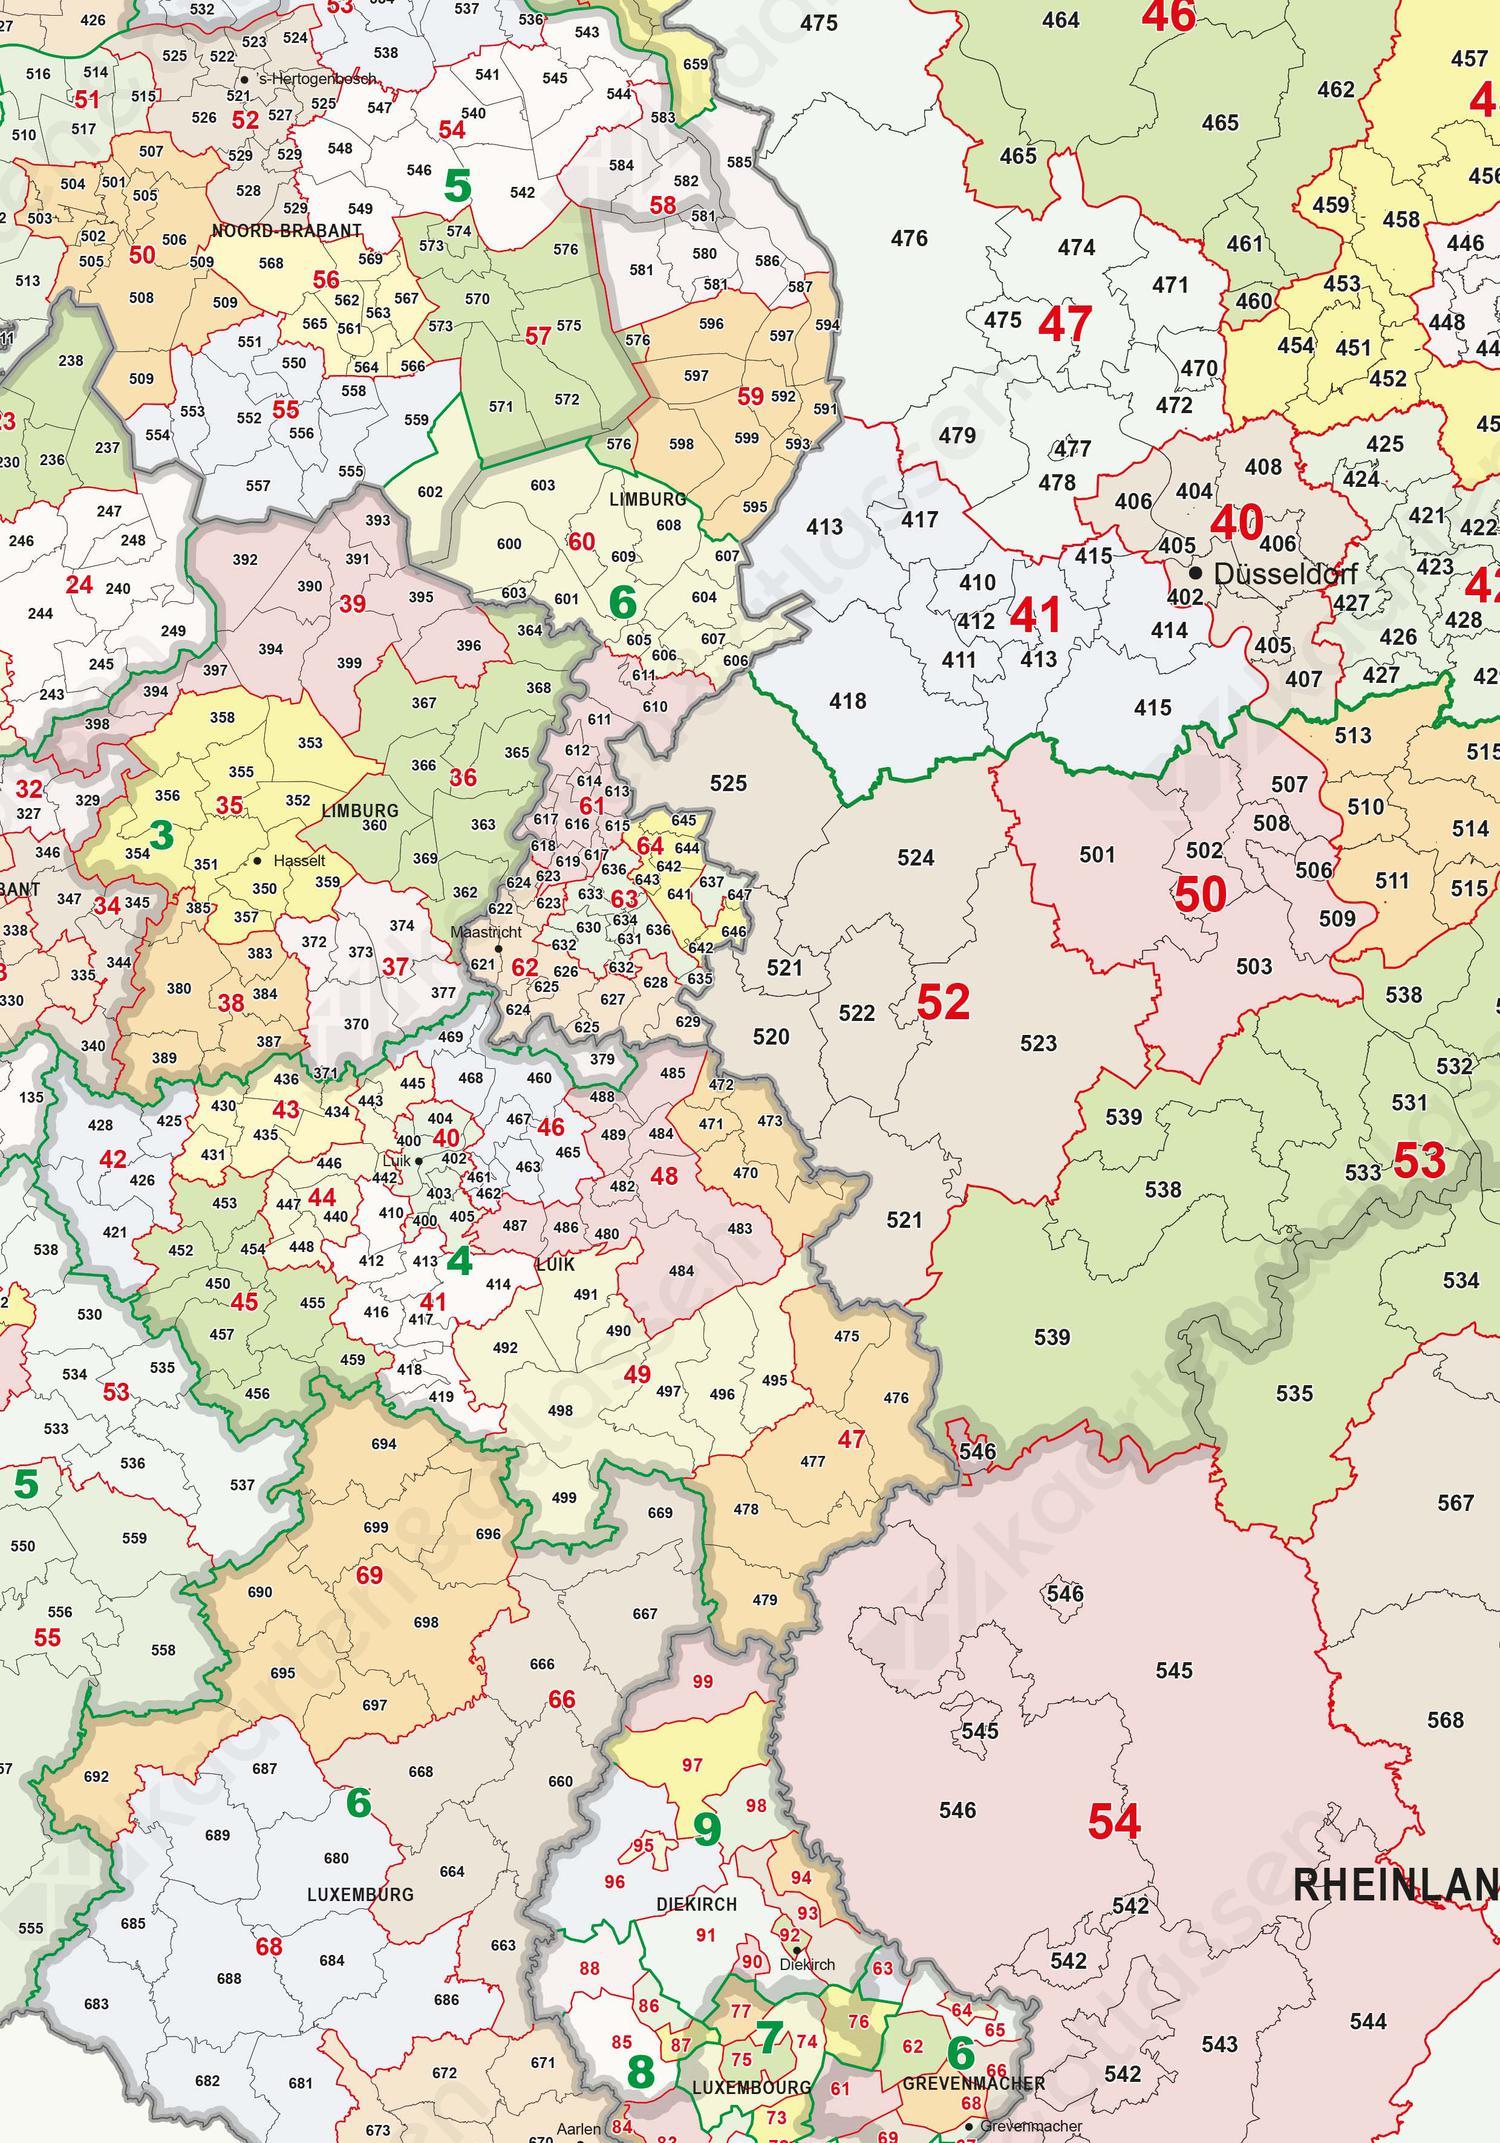 Postcodekaart Benelux + D'land 1,2 en 3 cijferig